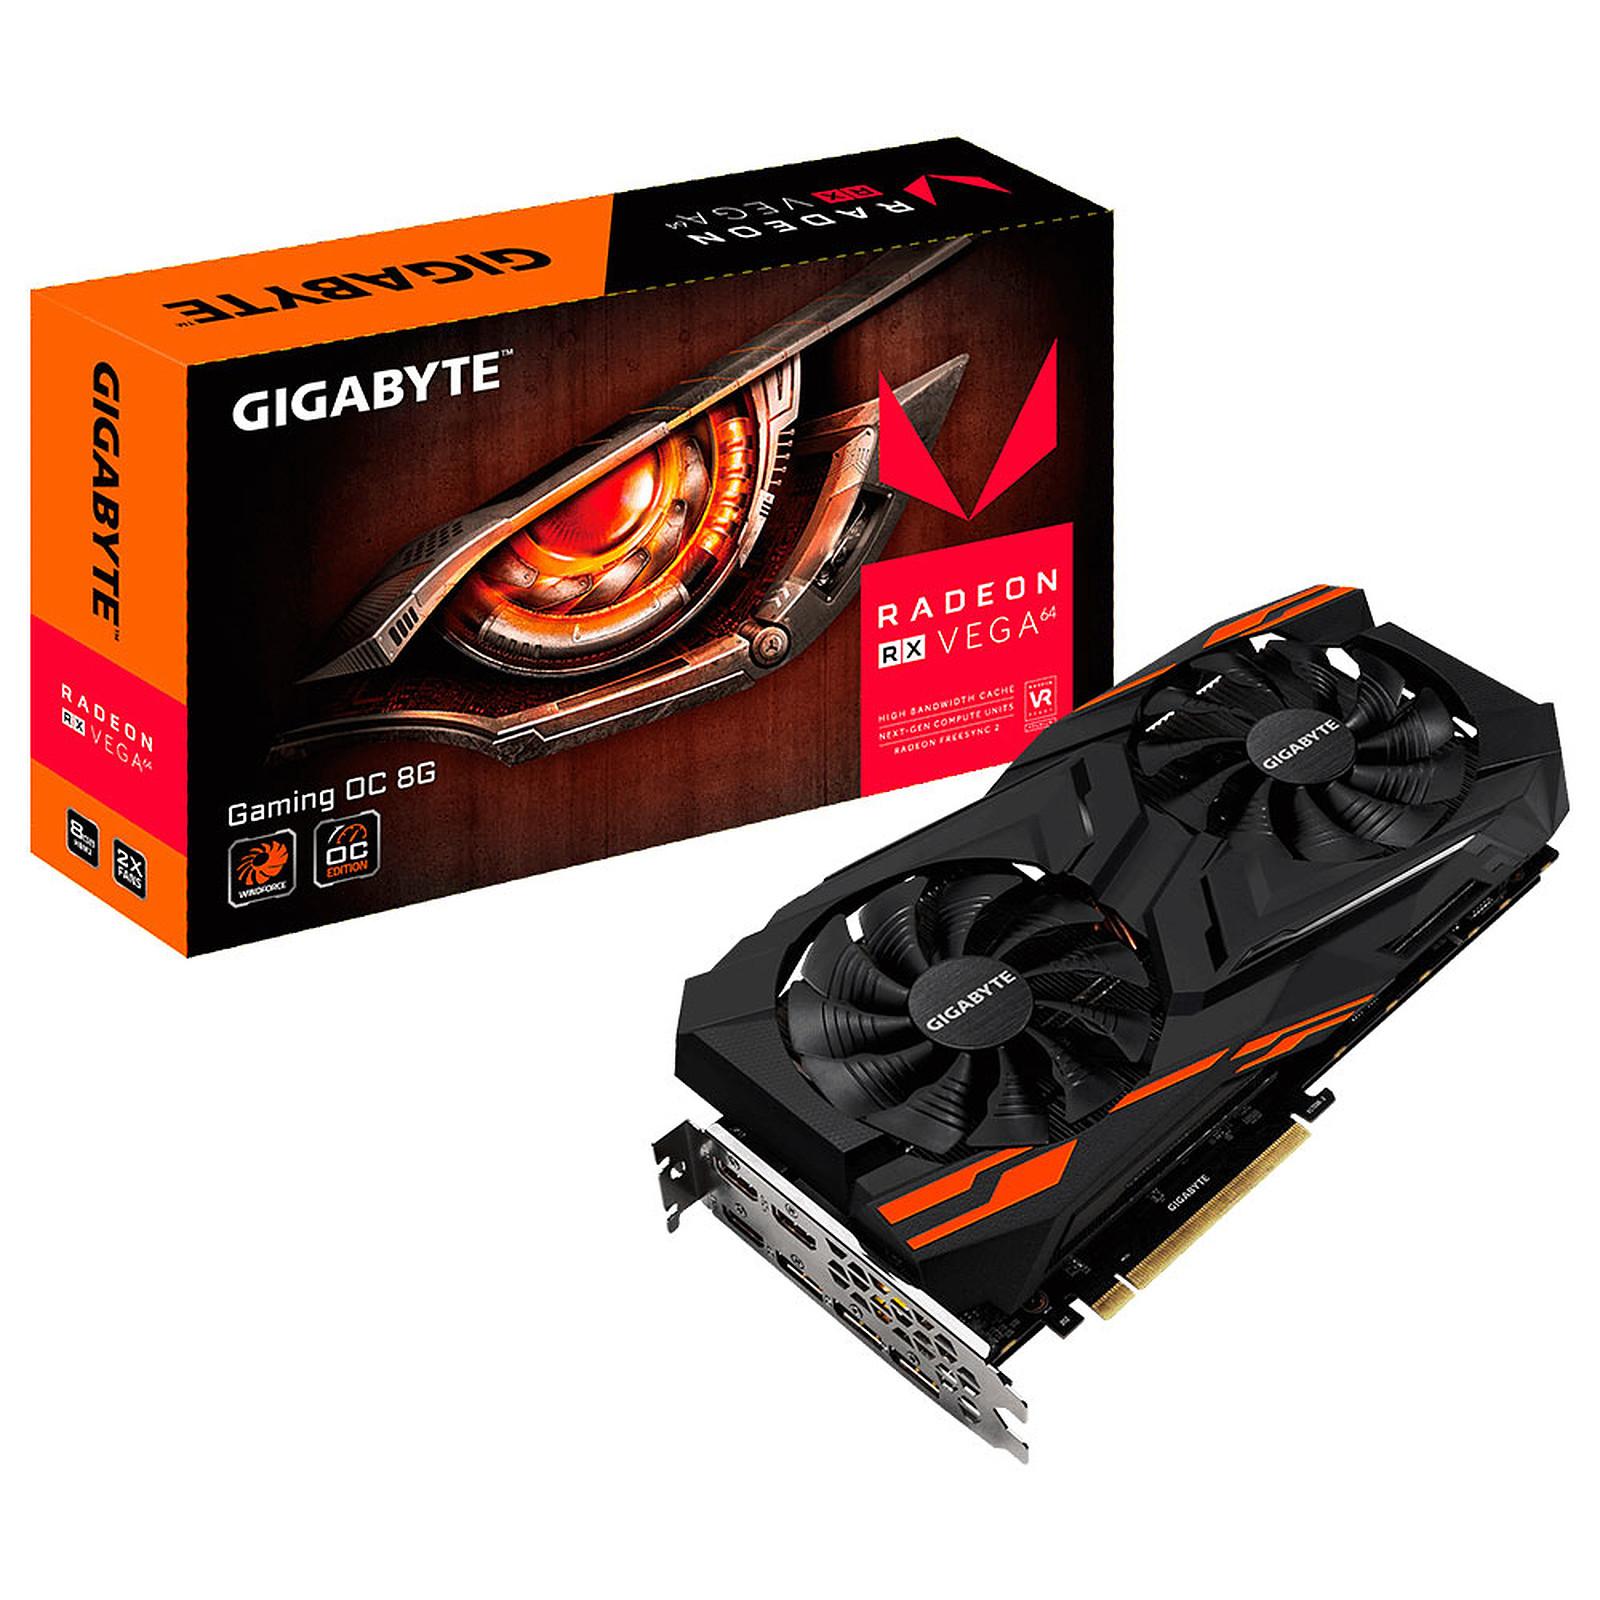 Gigabyte Radeon Vega 56 (REACO)